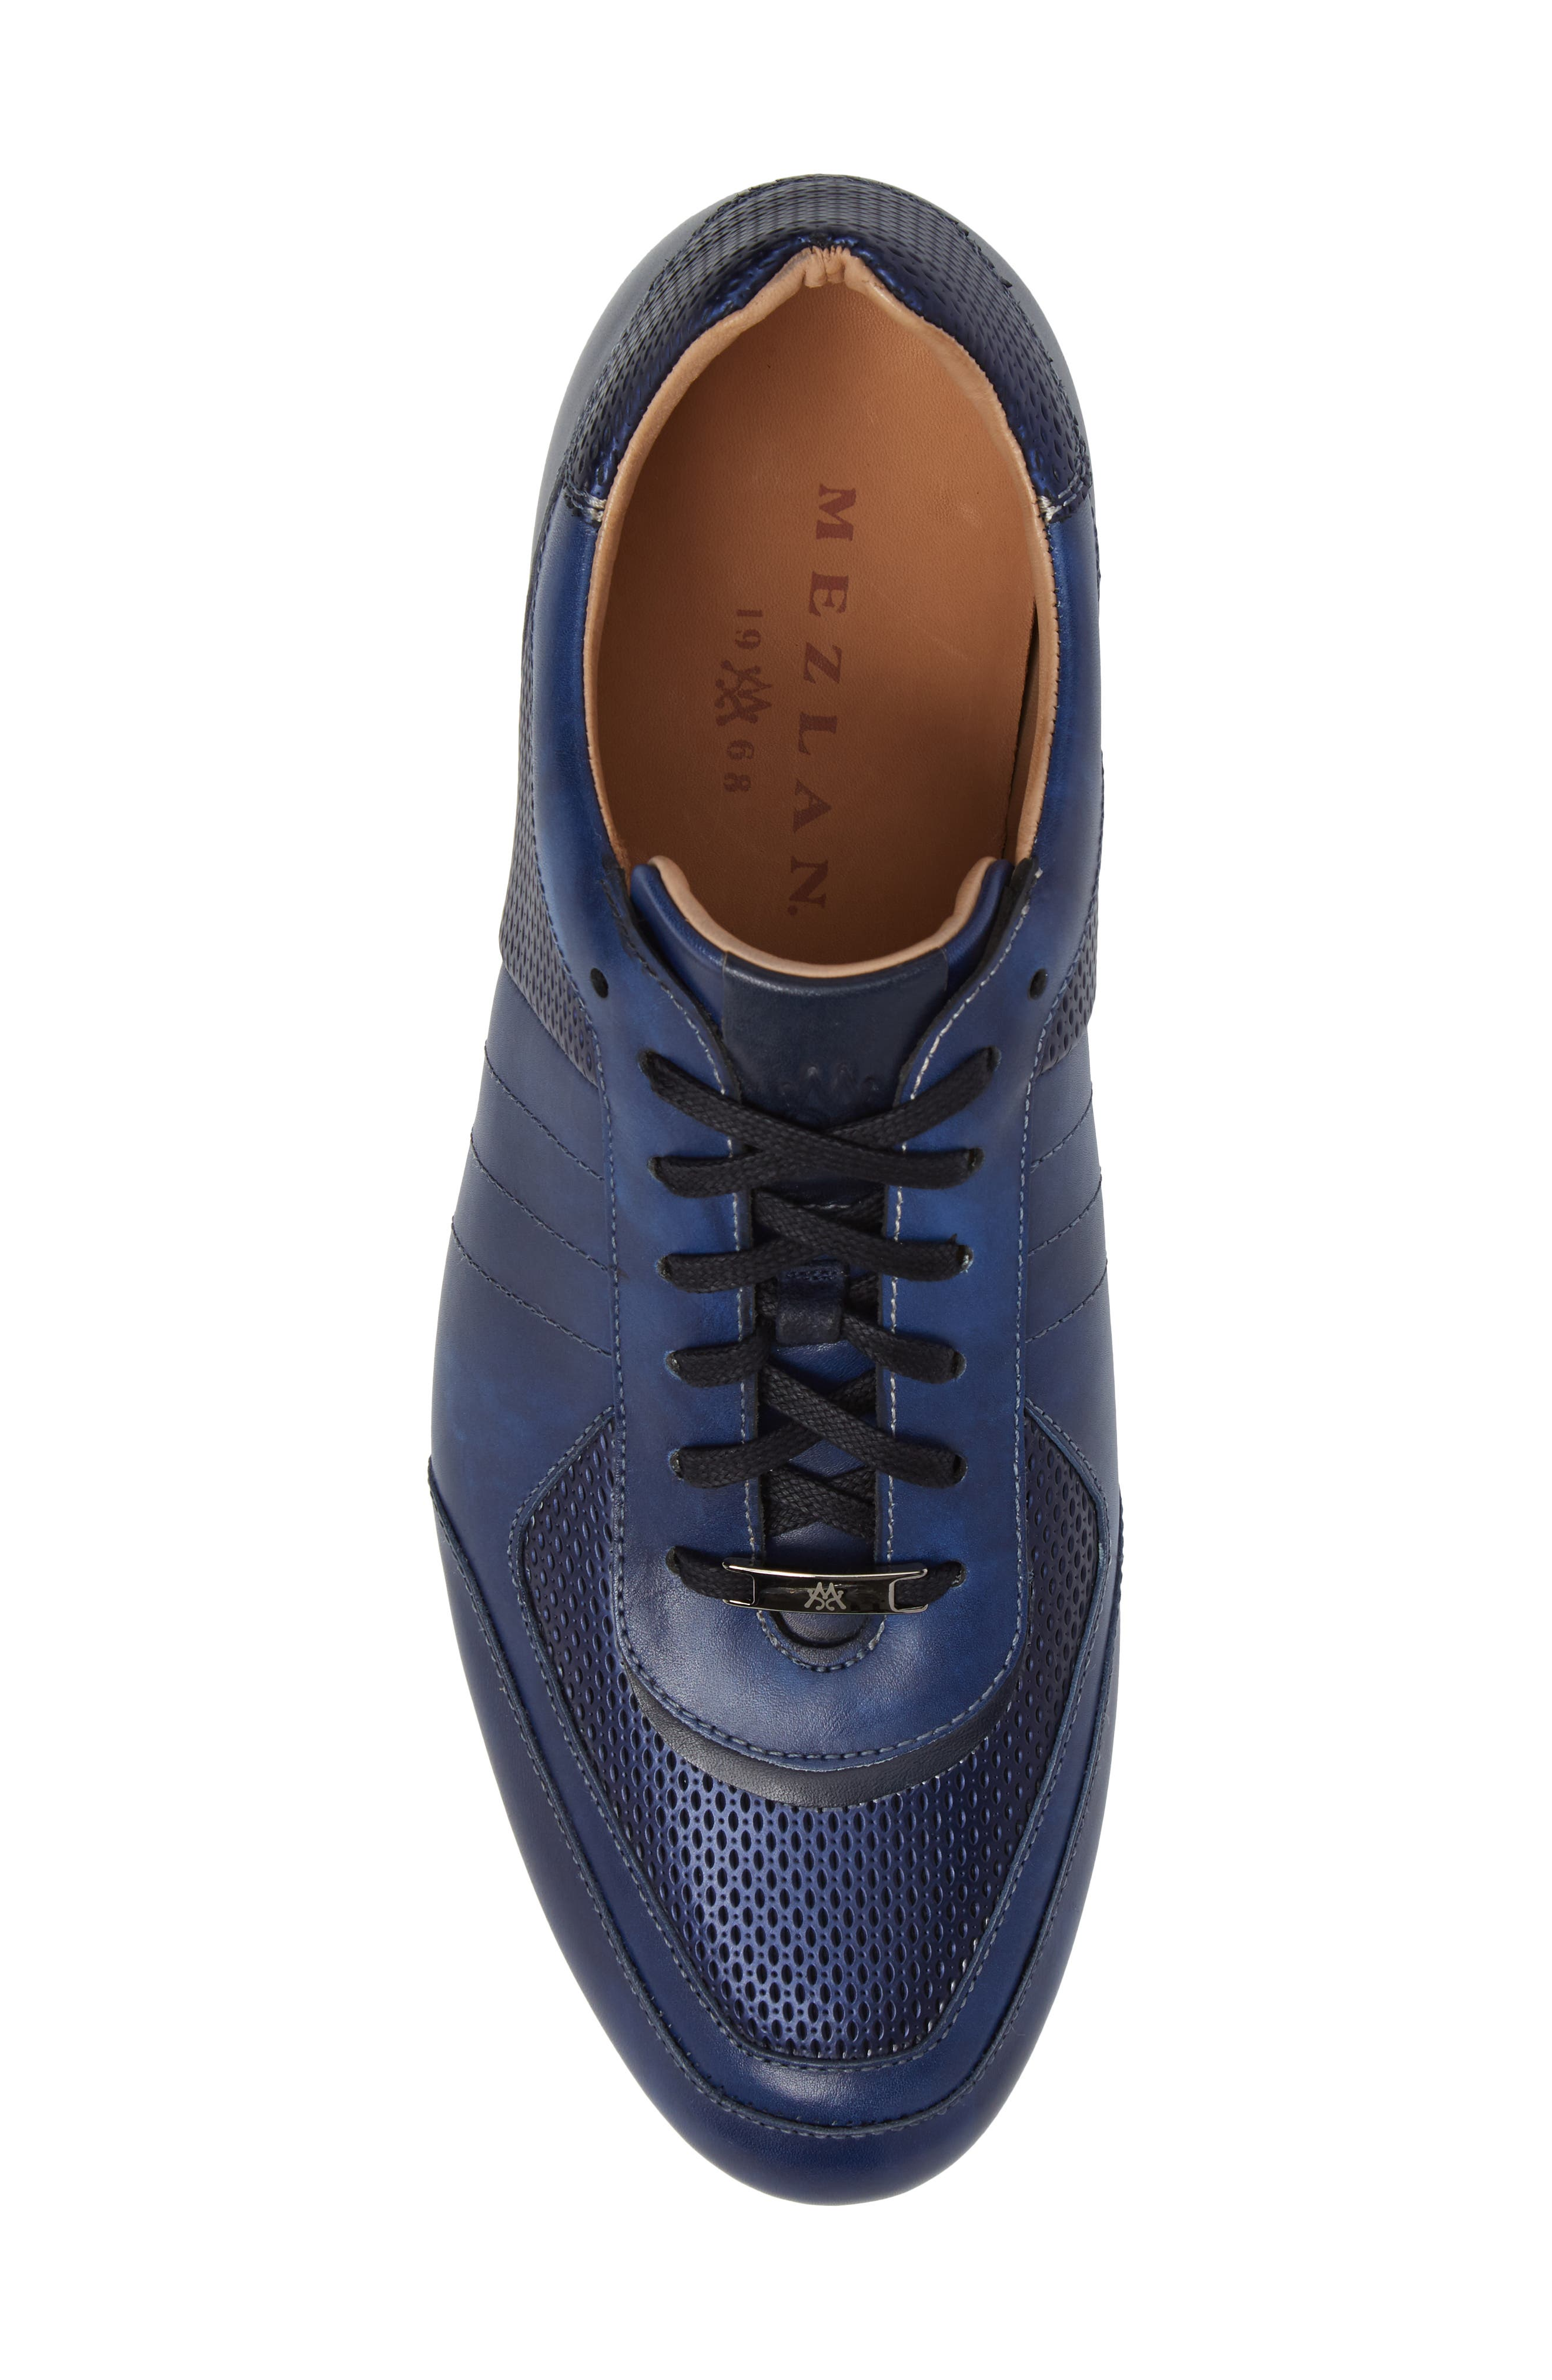 MEZLAN, Redon Embossed Sneaker, Alternate thumbnail 5, color, BLUE LEATHER